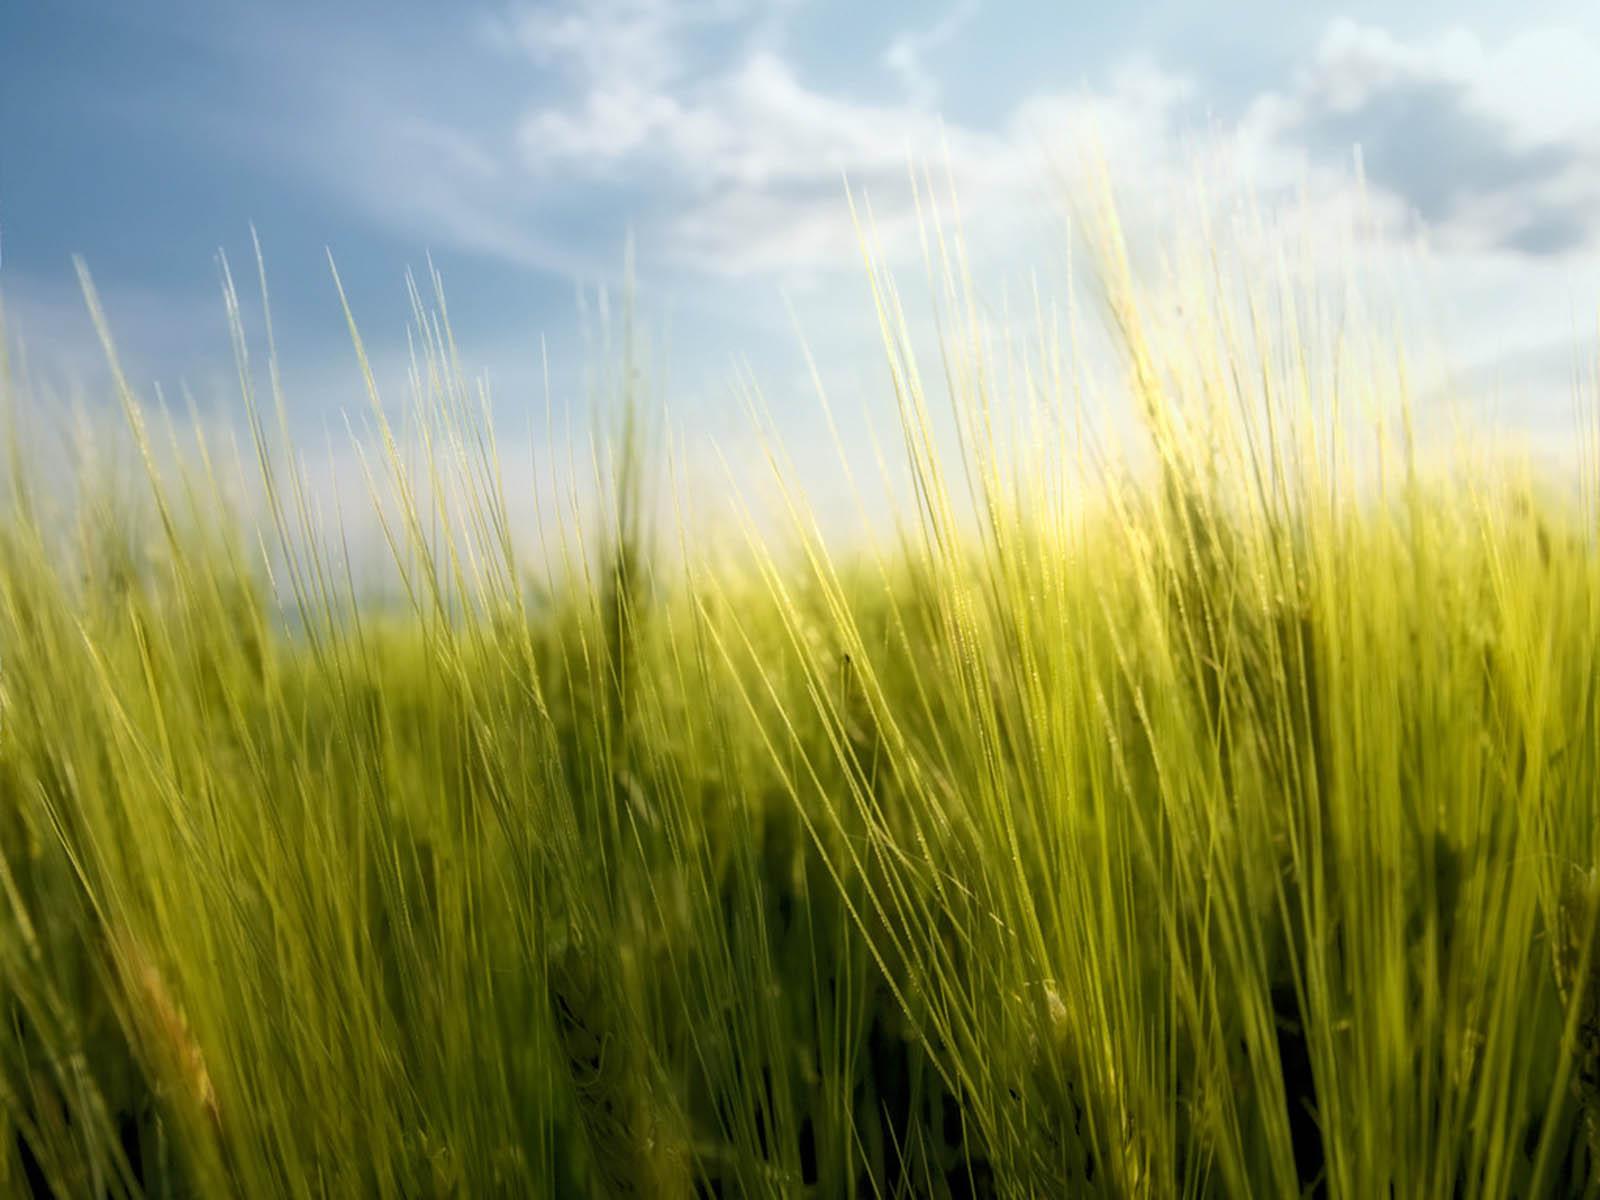 http://2.bp.blogspot.com/-RNksd5LQwFs/UL4LwgyqNrI/AAAAAAAAOd0/mqtkhV6_ixM/s1600/Tall+Grass+Wallpapers+07.jpg